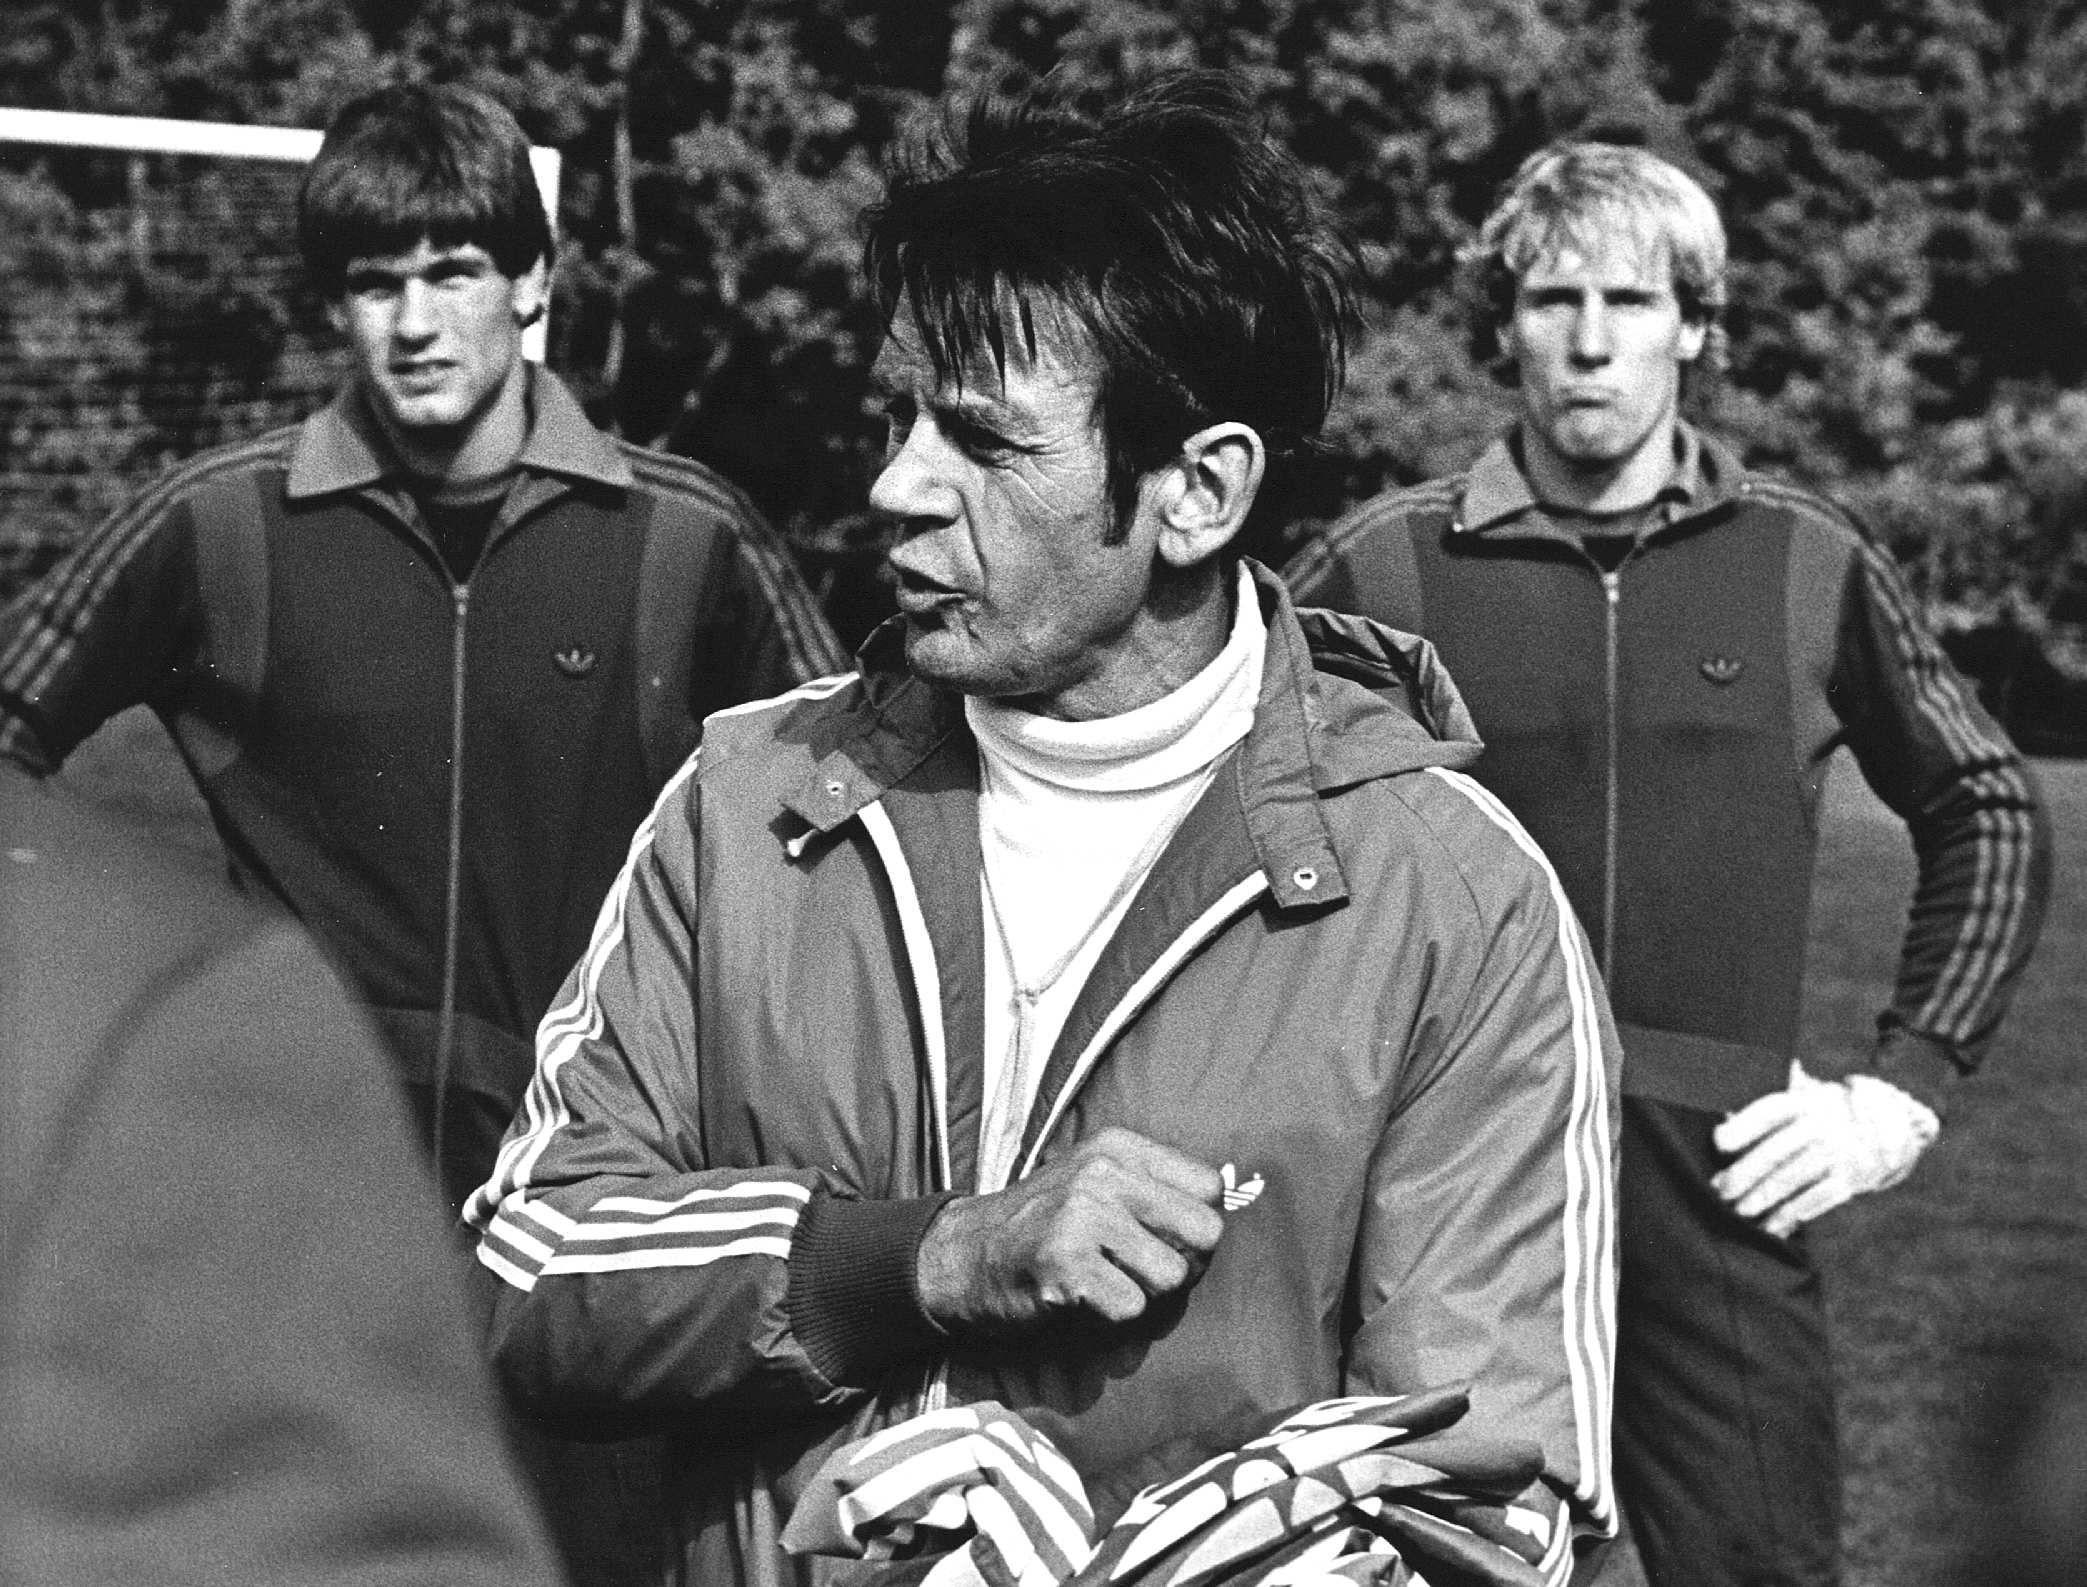 Vandaag in 1981: Kapitein Zwartkruis trekt zijn conclusies na debacle in Uruguay en stapt op als bondscoach [video]